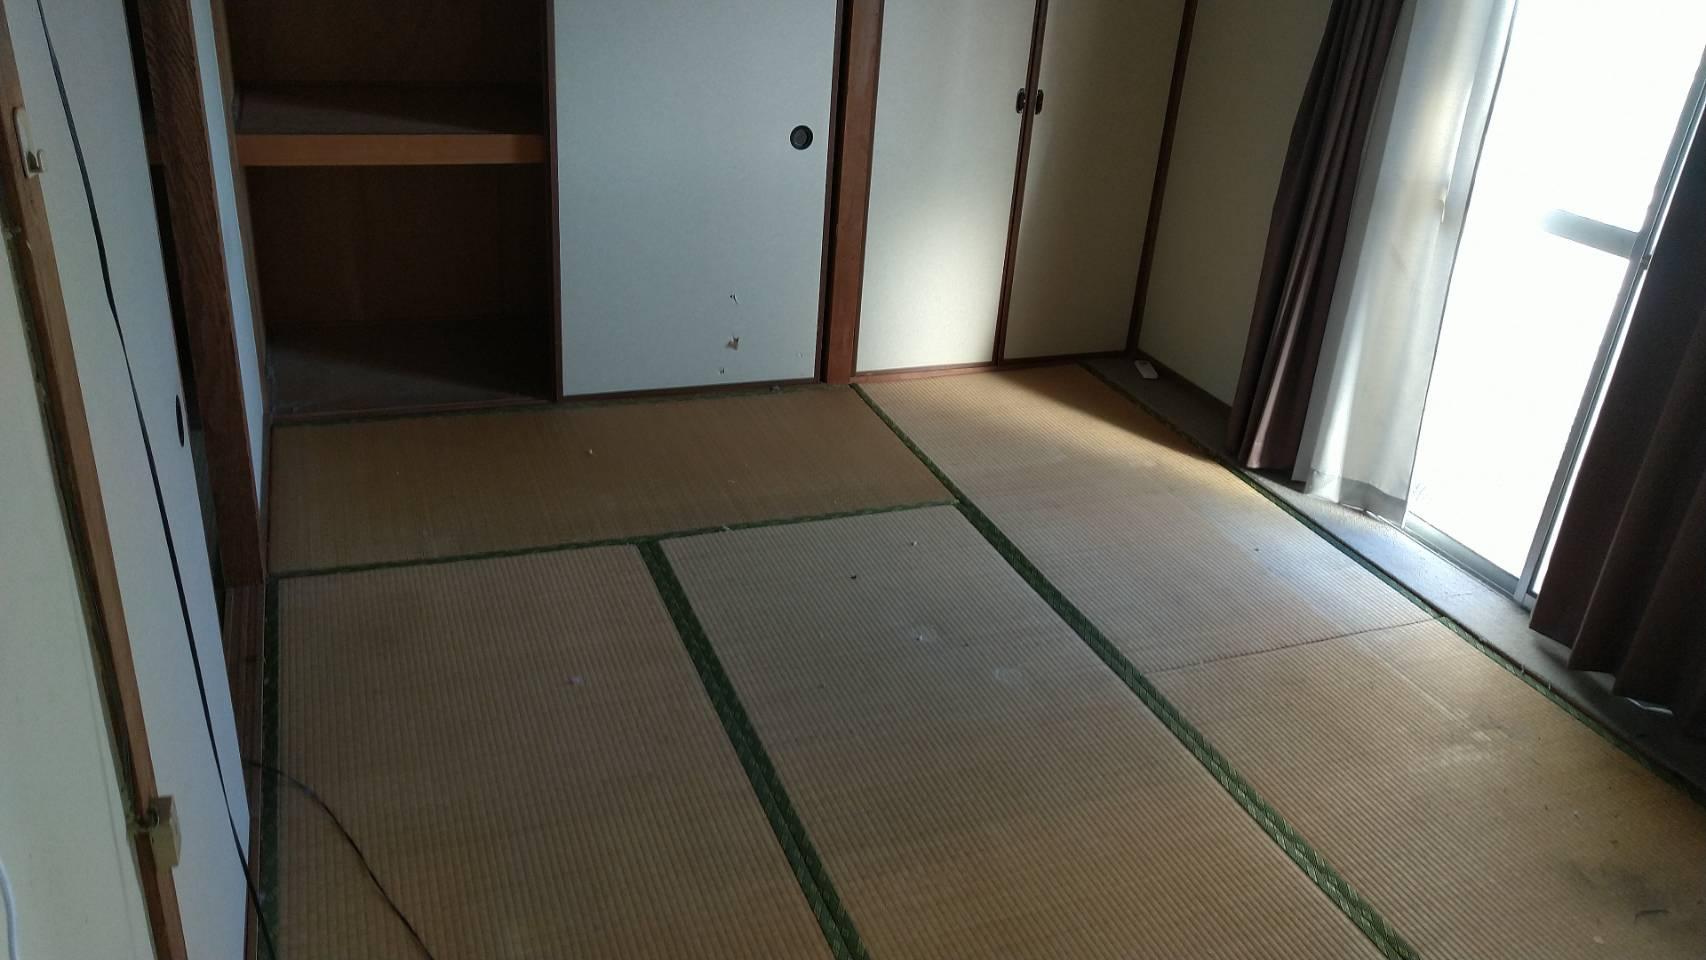 ベッド、マットレス、布団の回収後